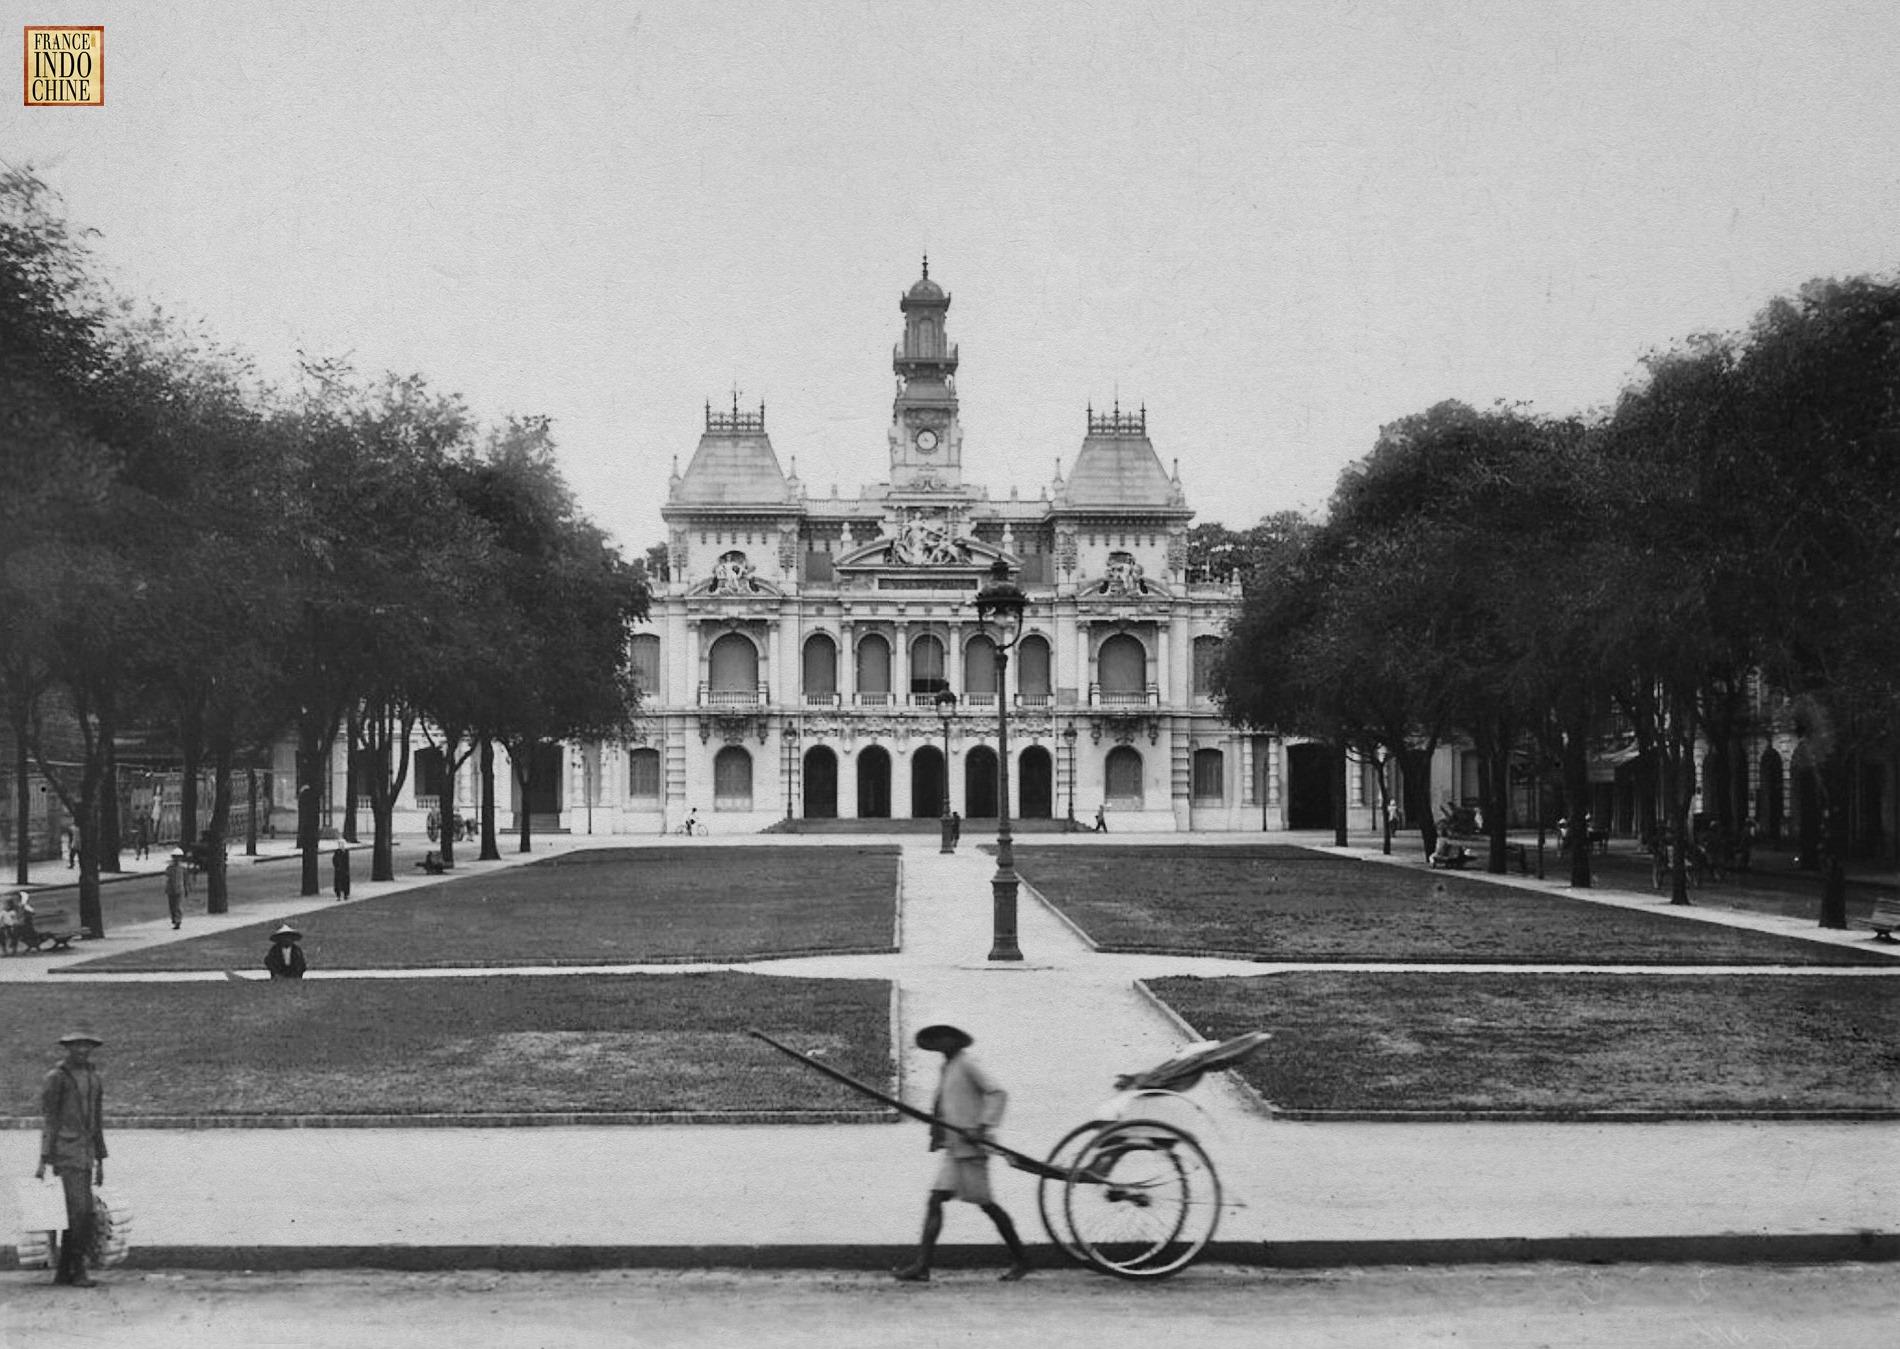 Phố đi bộ Nguyễn Huệ như một góc châu Âu thu nhỏ qua bộ ảnh đen –trắng